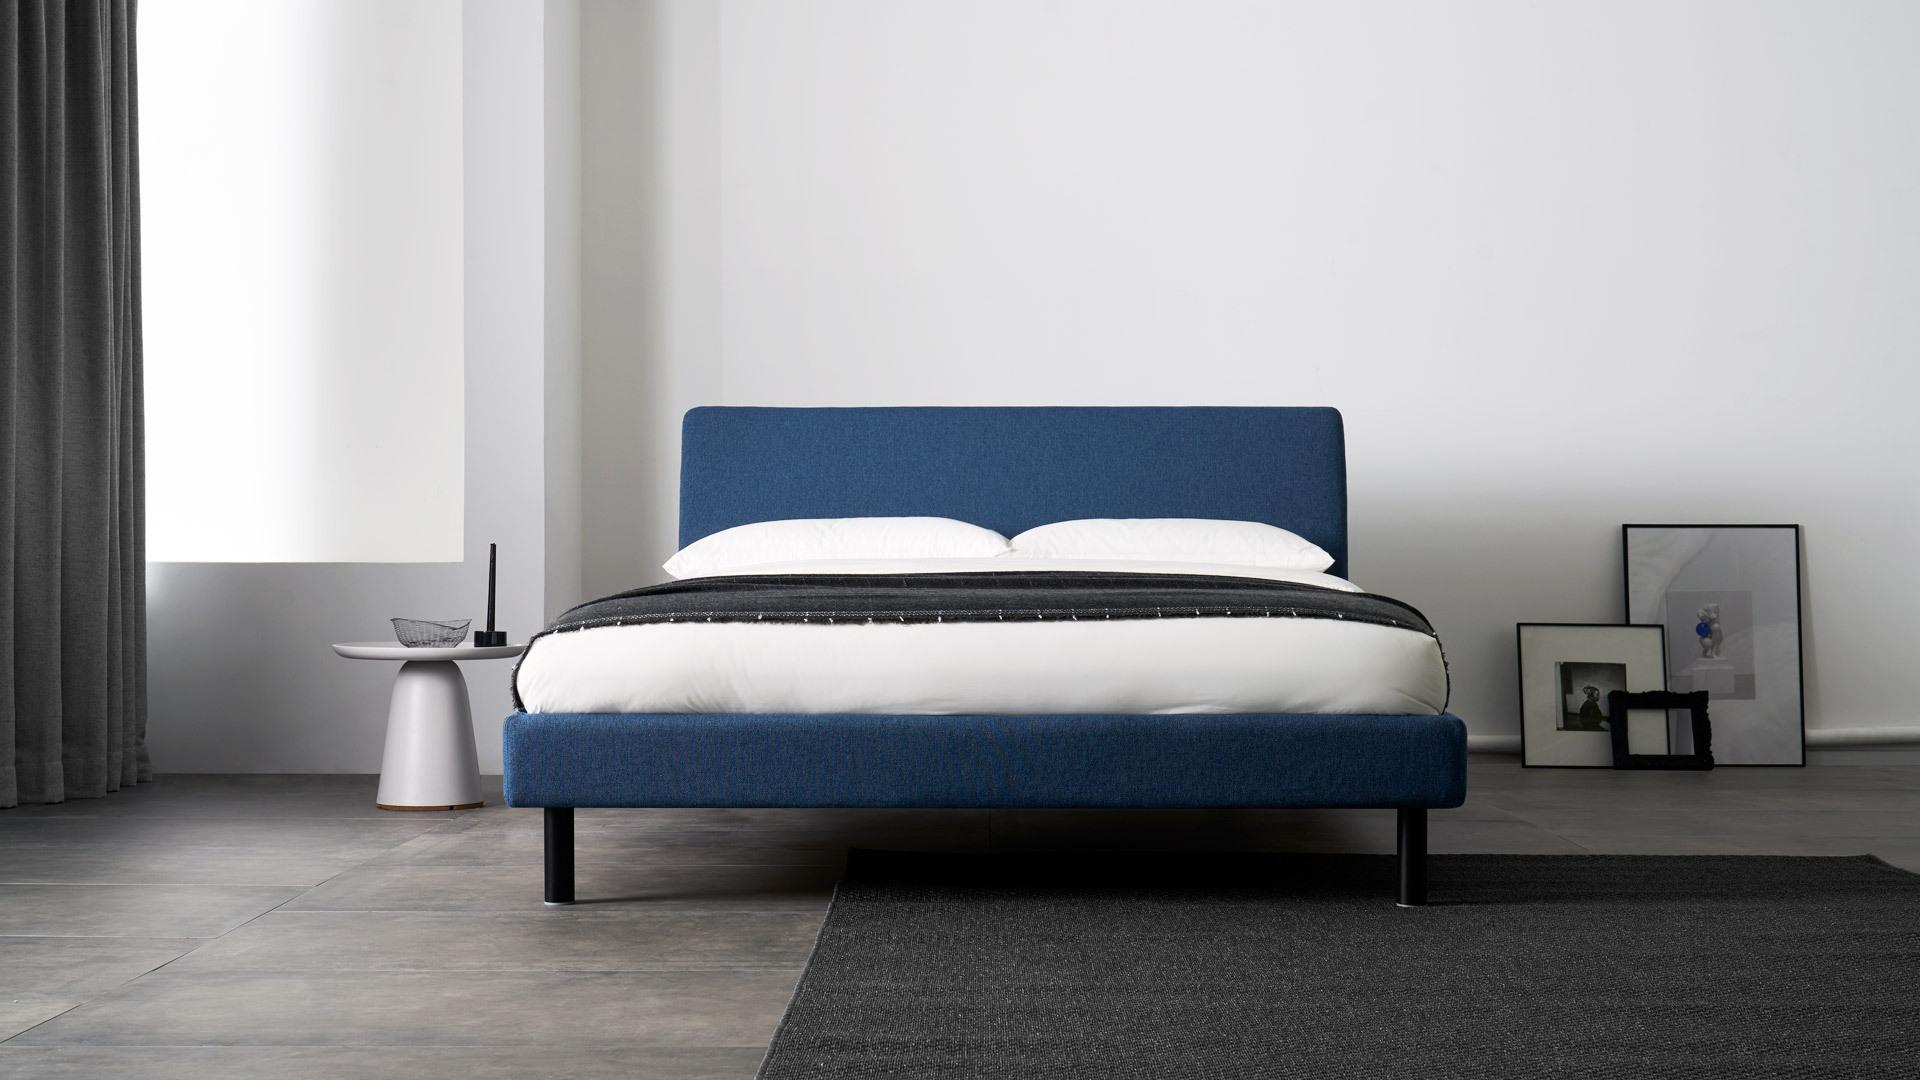 好的卧室<br/>从一张轻盈不磕腿的软床开始